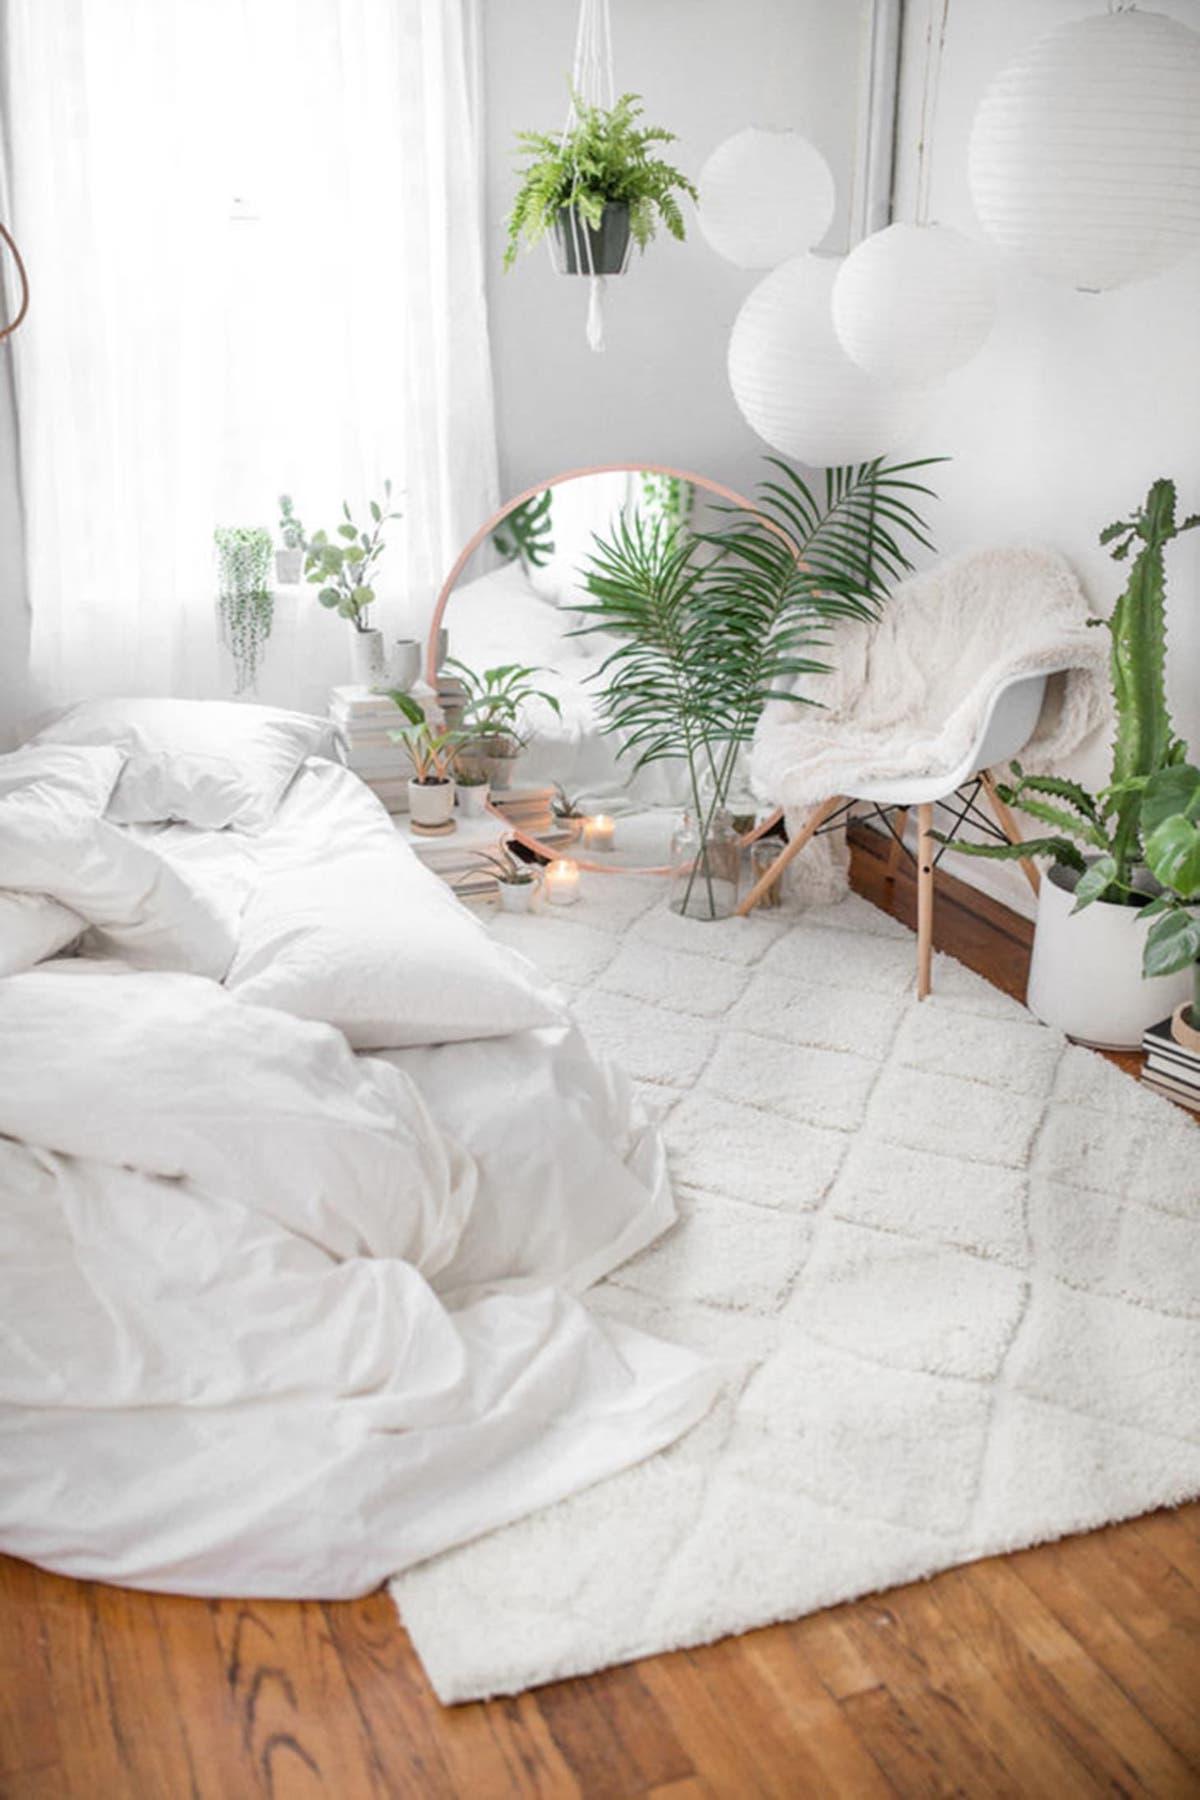 chambre épurée blanche lumineuse parquet en bois plante verte tapis univers cosy